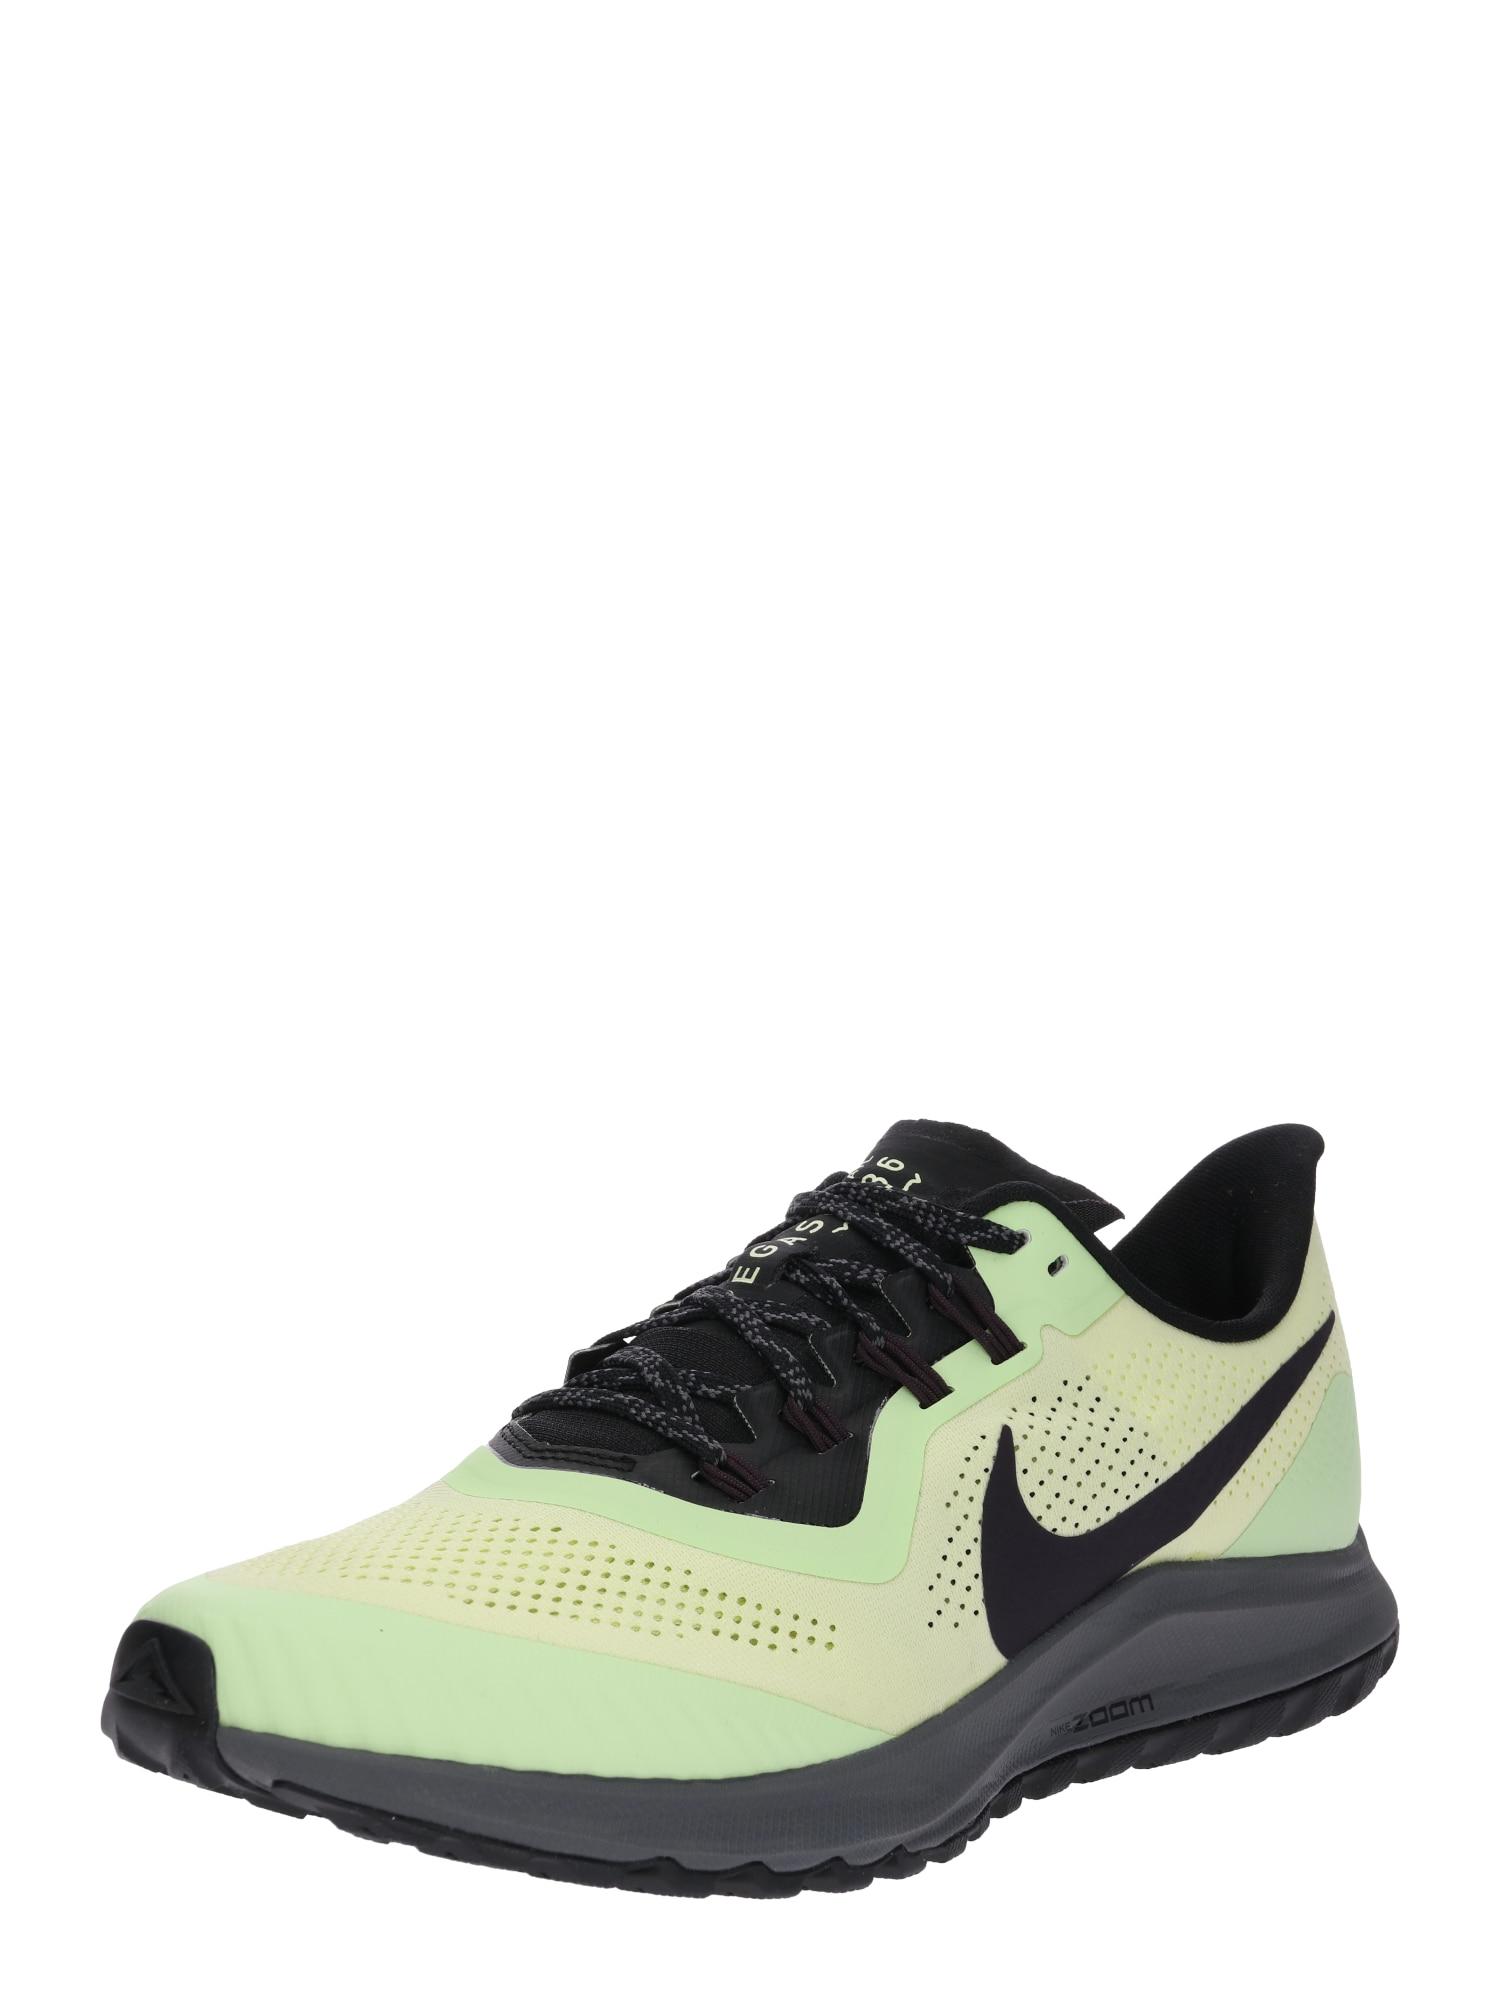 Běžecká obuv AIR ZOOM PEGASUS 36 TRAIL citronová černá NIKE